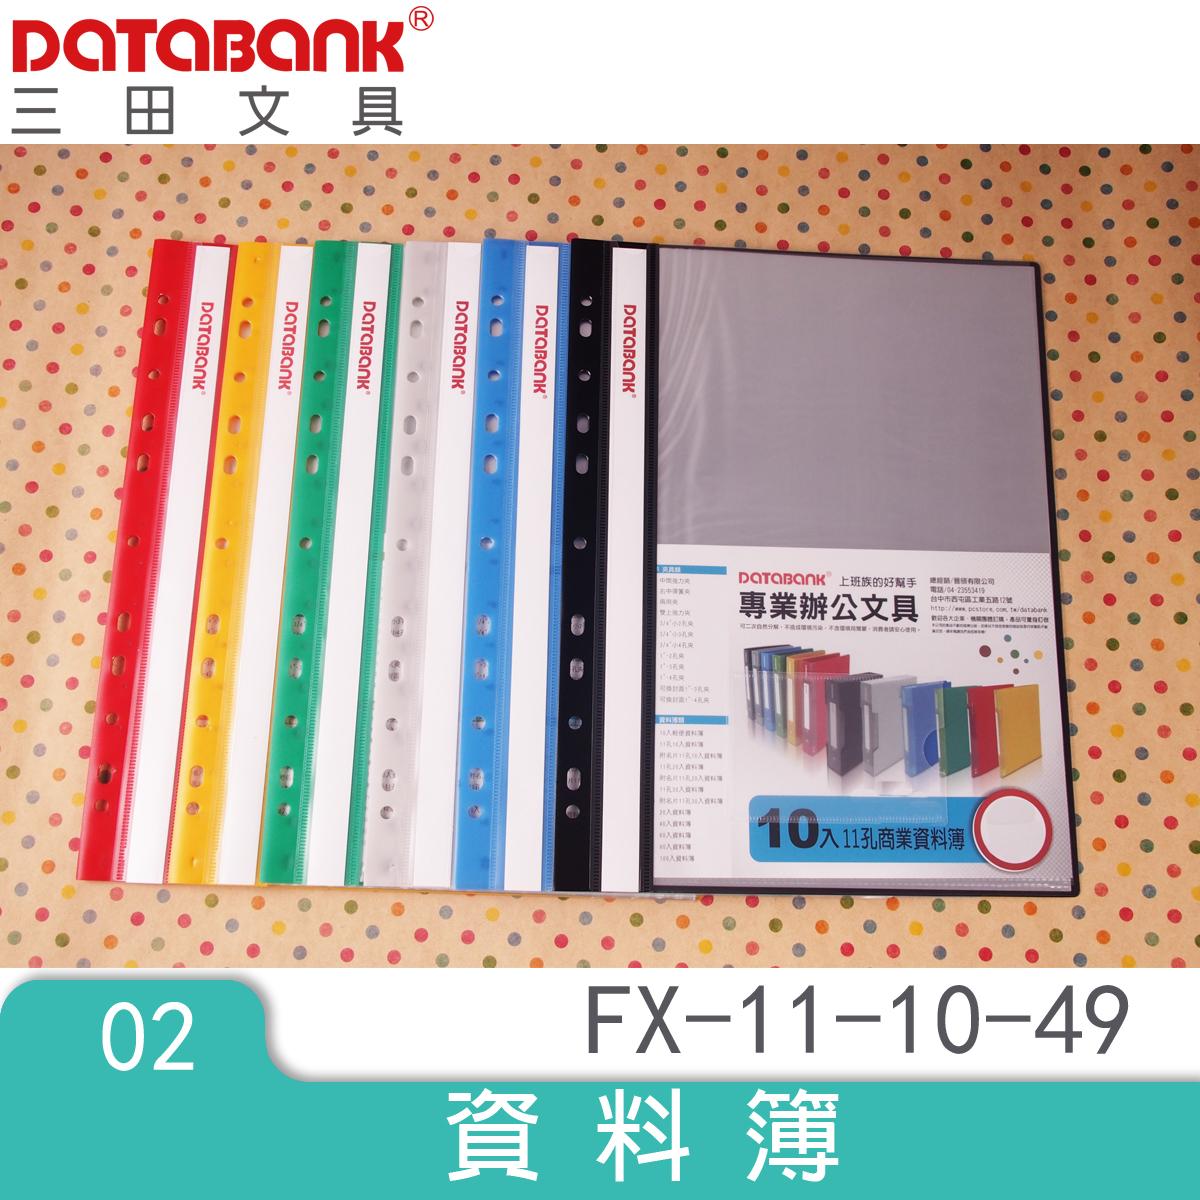 10頁標準型商業輕便資料簿(FX-11-10-49) 萬用資料夾 實用多功能夾子 資料夾 文件夾批發零售 DATABANK